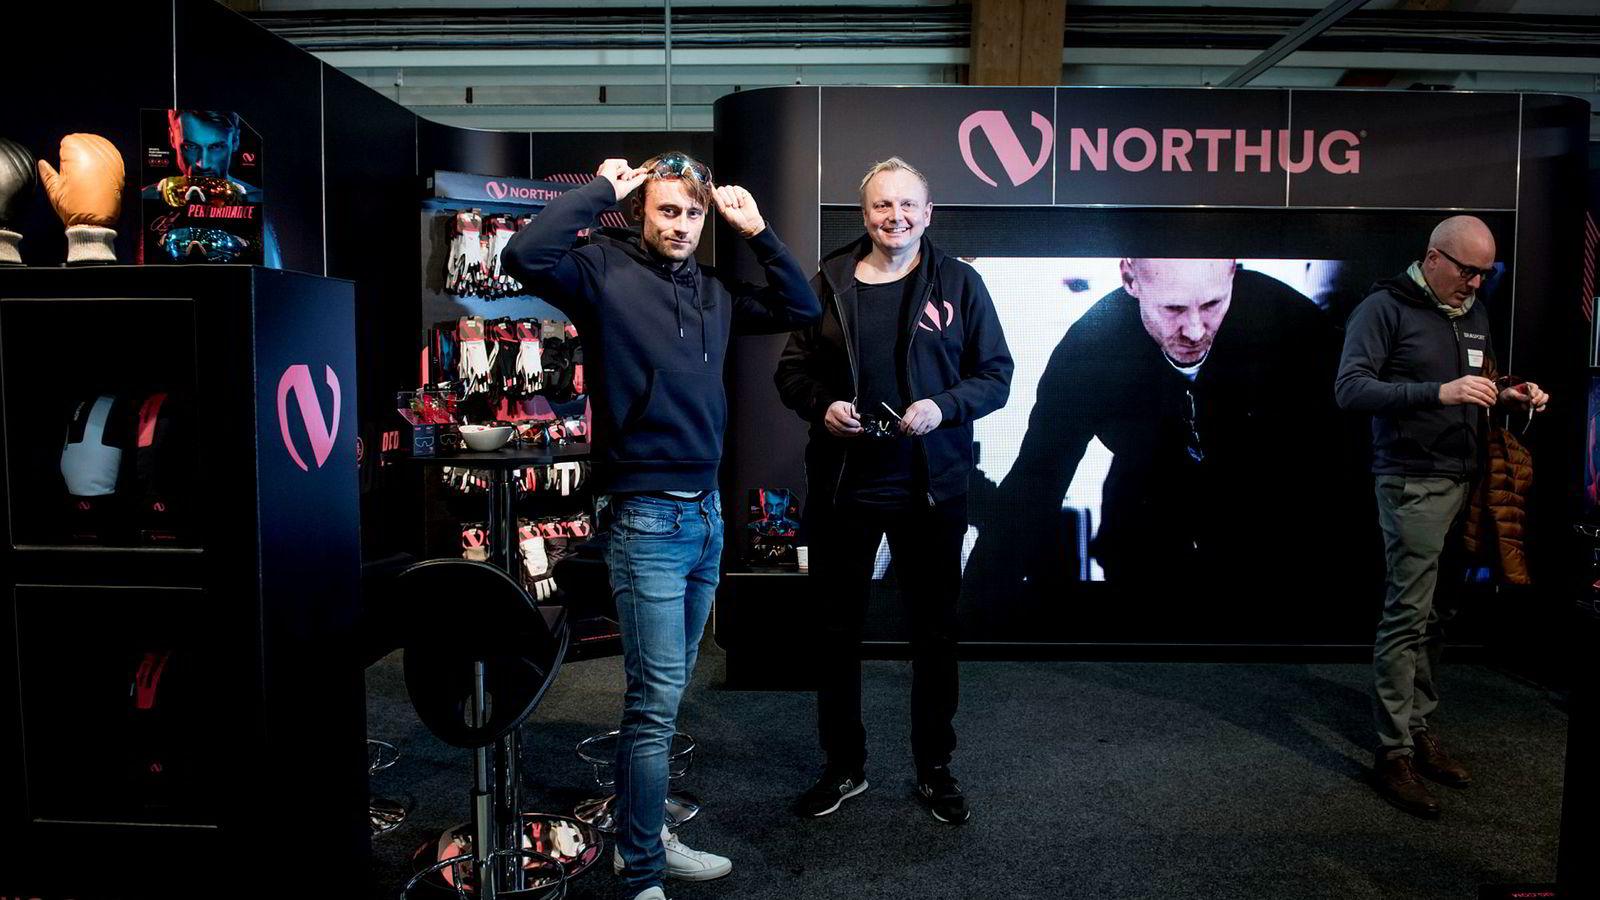 Petter Northug lanserer egen kolleksjon. Mannen bak er Jon Inge Gullikstad (midten), som også står bak produktene til Vegard Ulvang, Therese Johaug og Kygo.